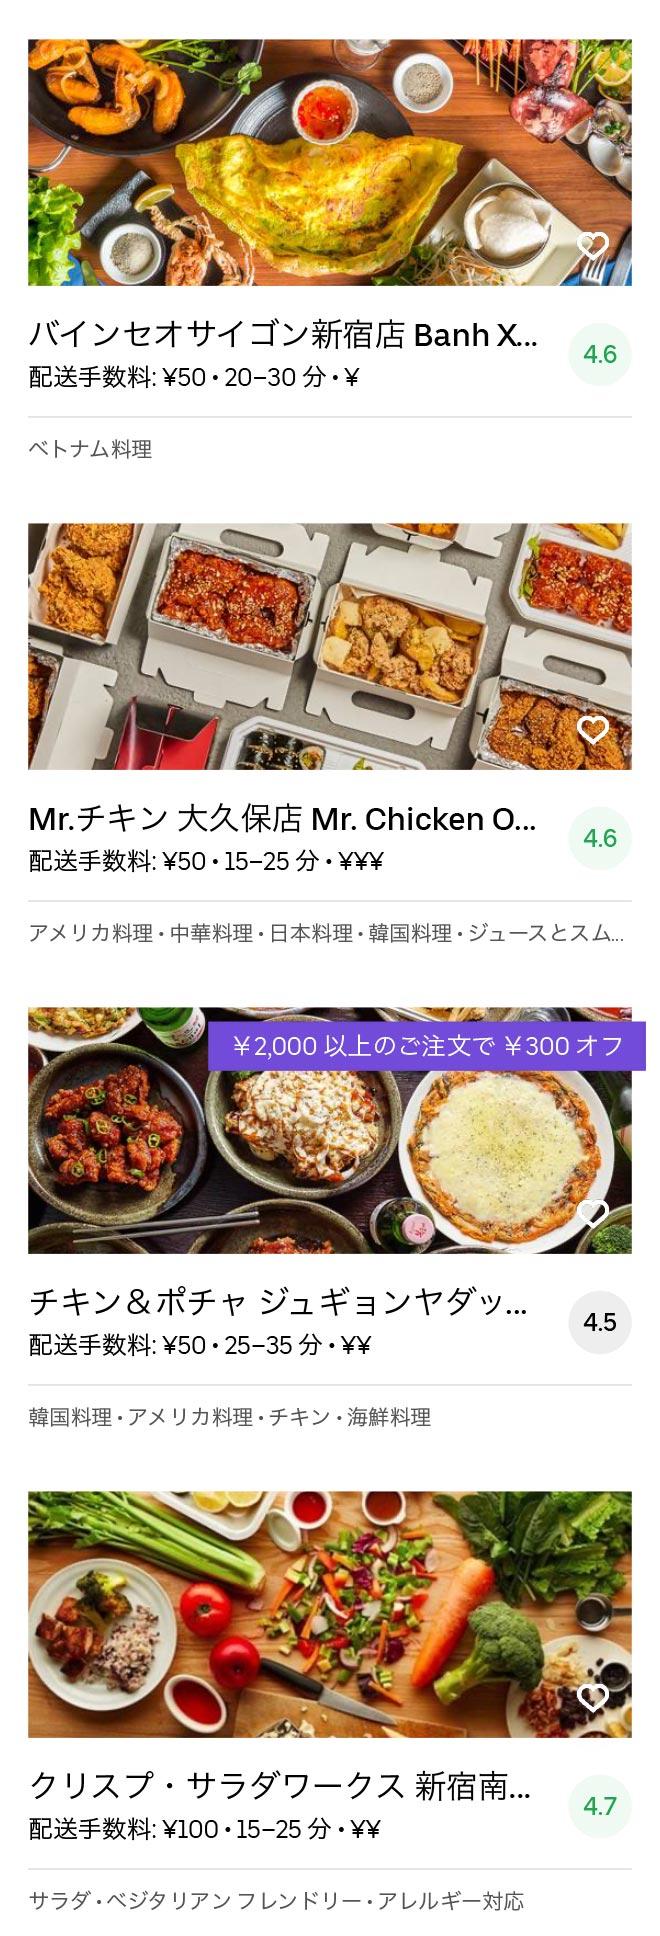 Tokyo shonjuku menu 2005 12